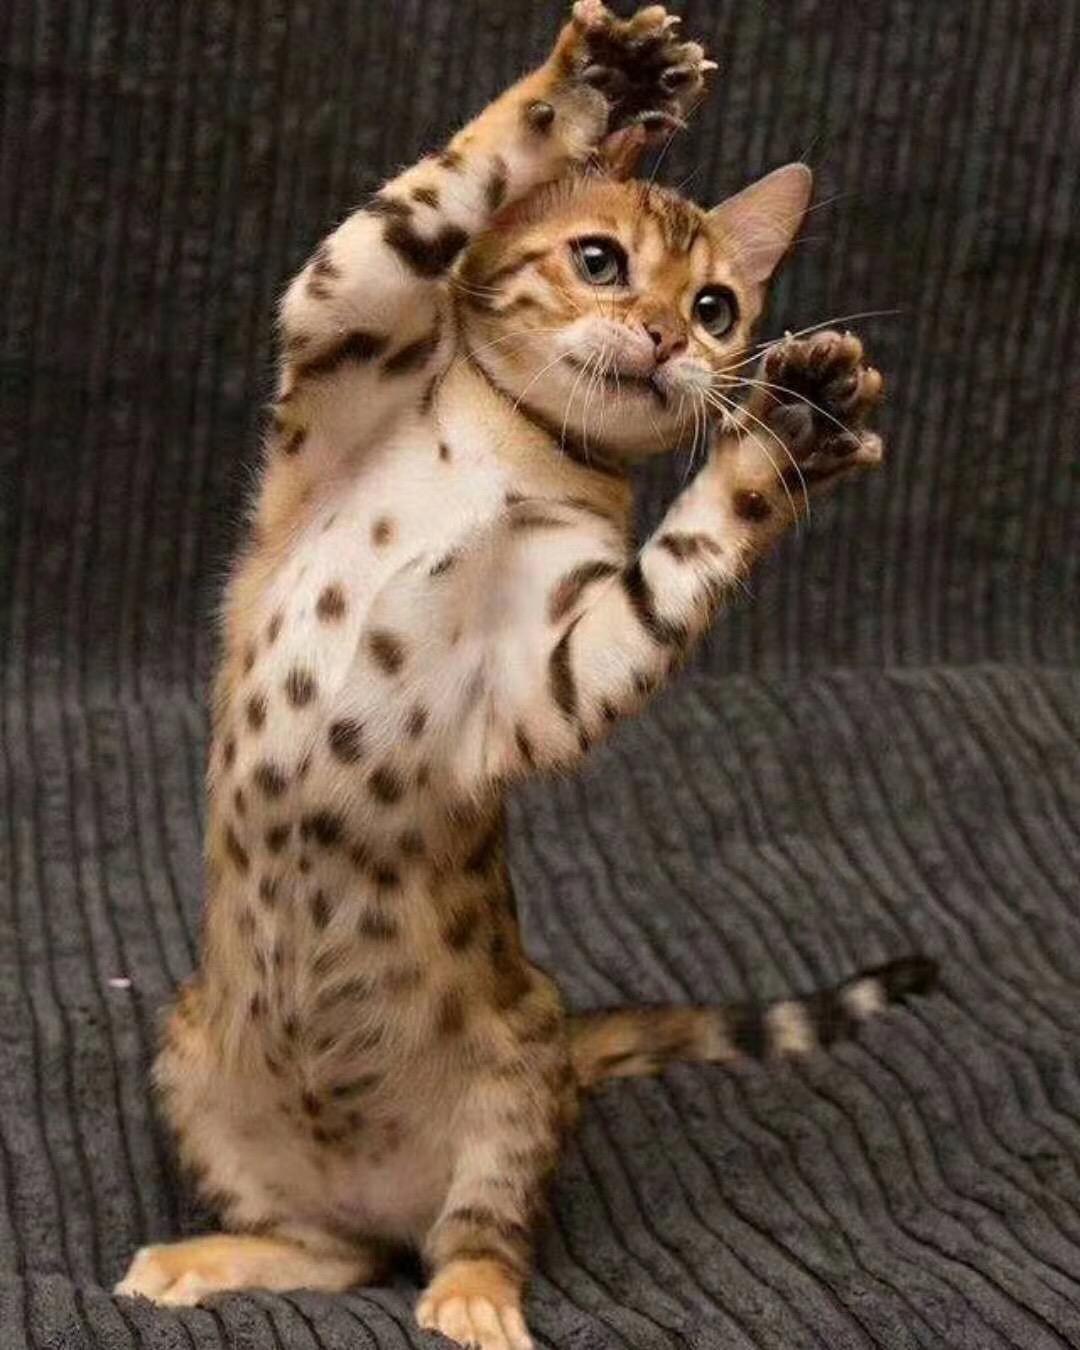 自家繁殖出售精品豹猫,玫瑰纹,活泼,健康